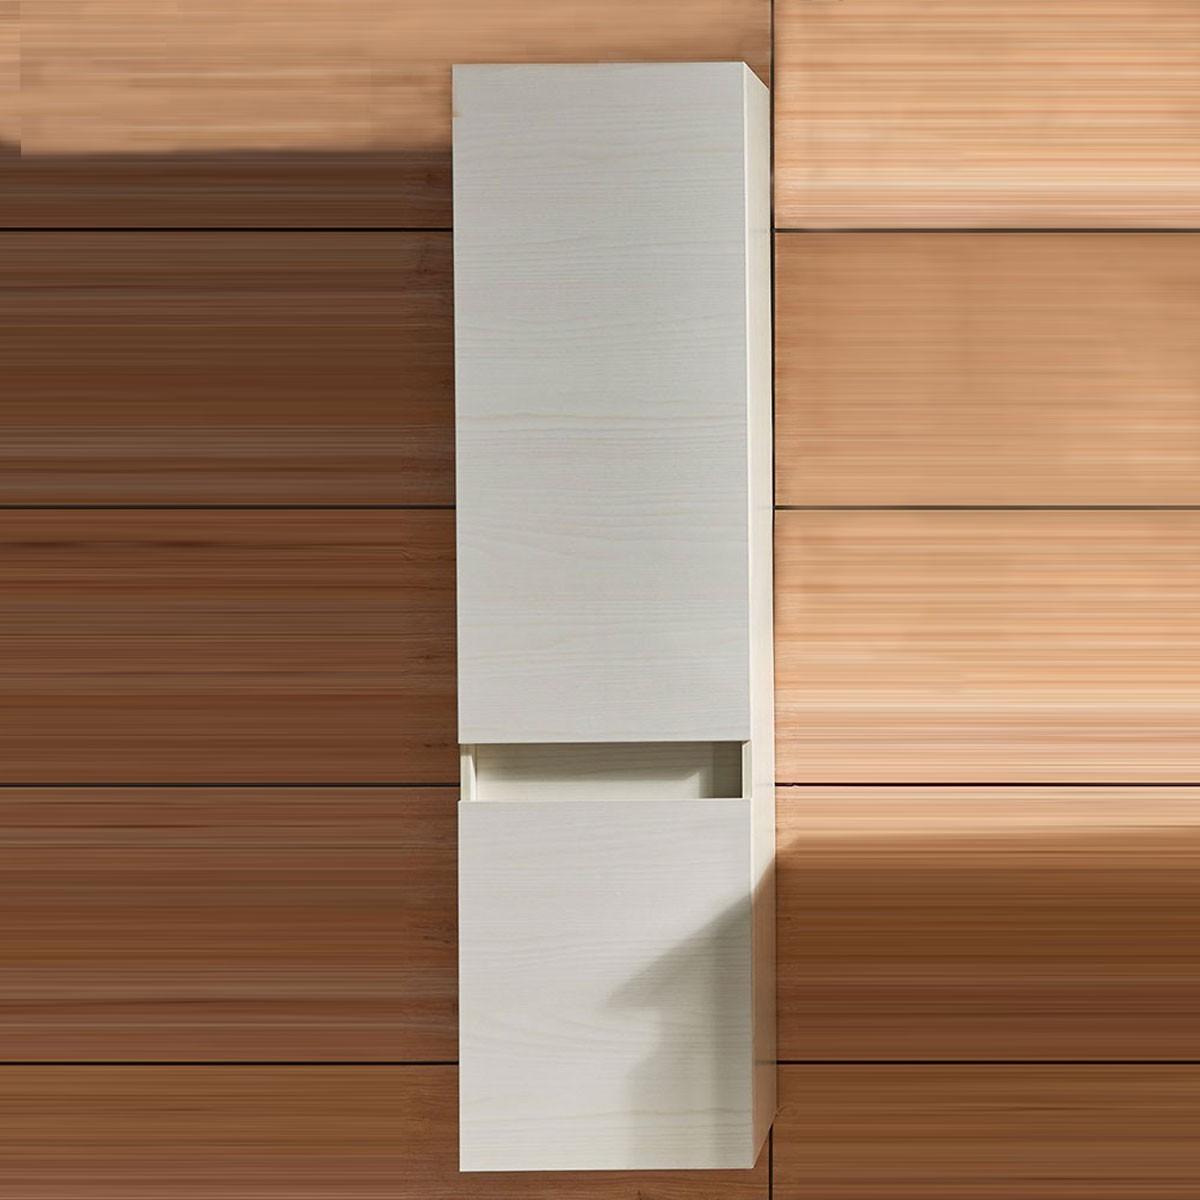 31po meuble salle de bain suspendu au mur avec miroir et